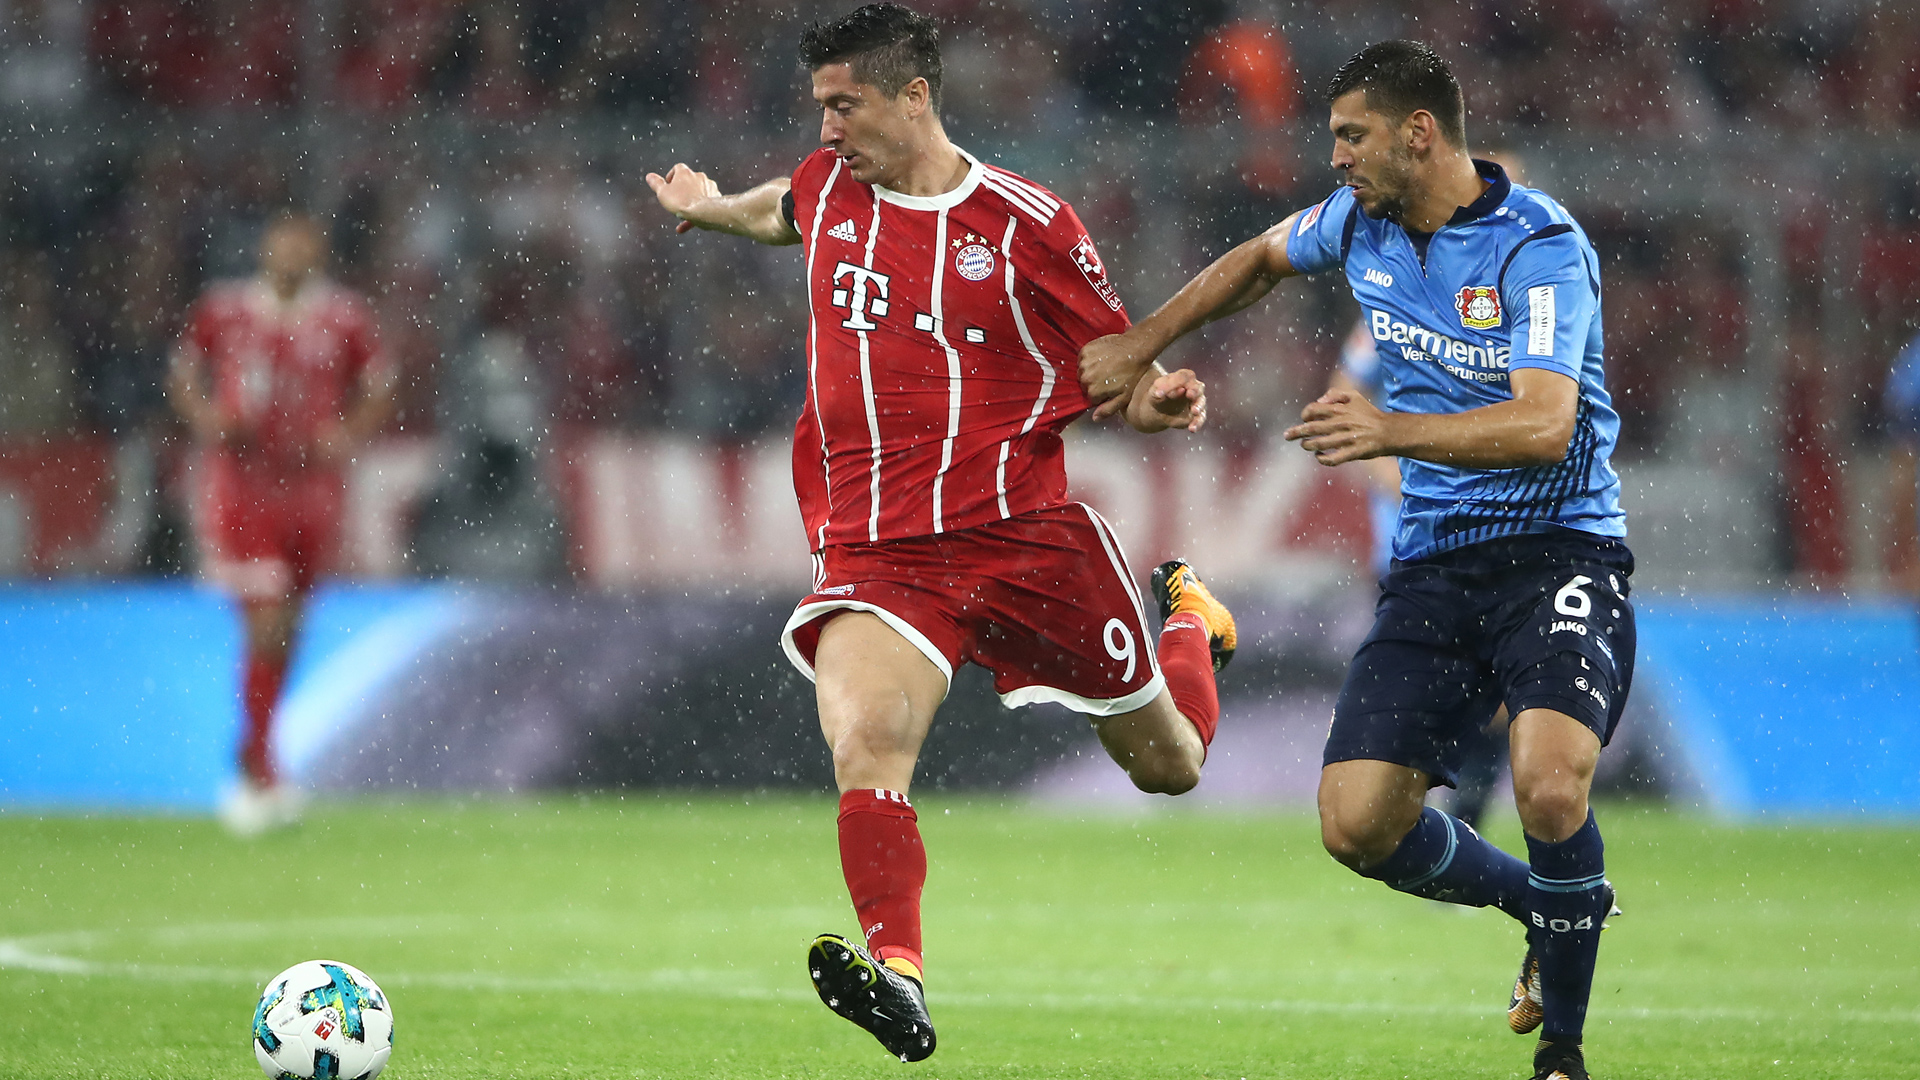 Bundesliga, il Bayern è ancora inarrestabile: Leverkusen al tappeto